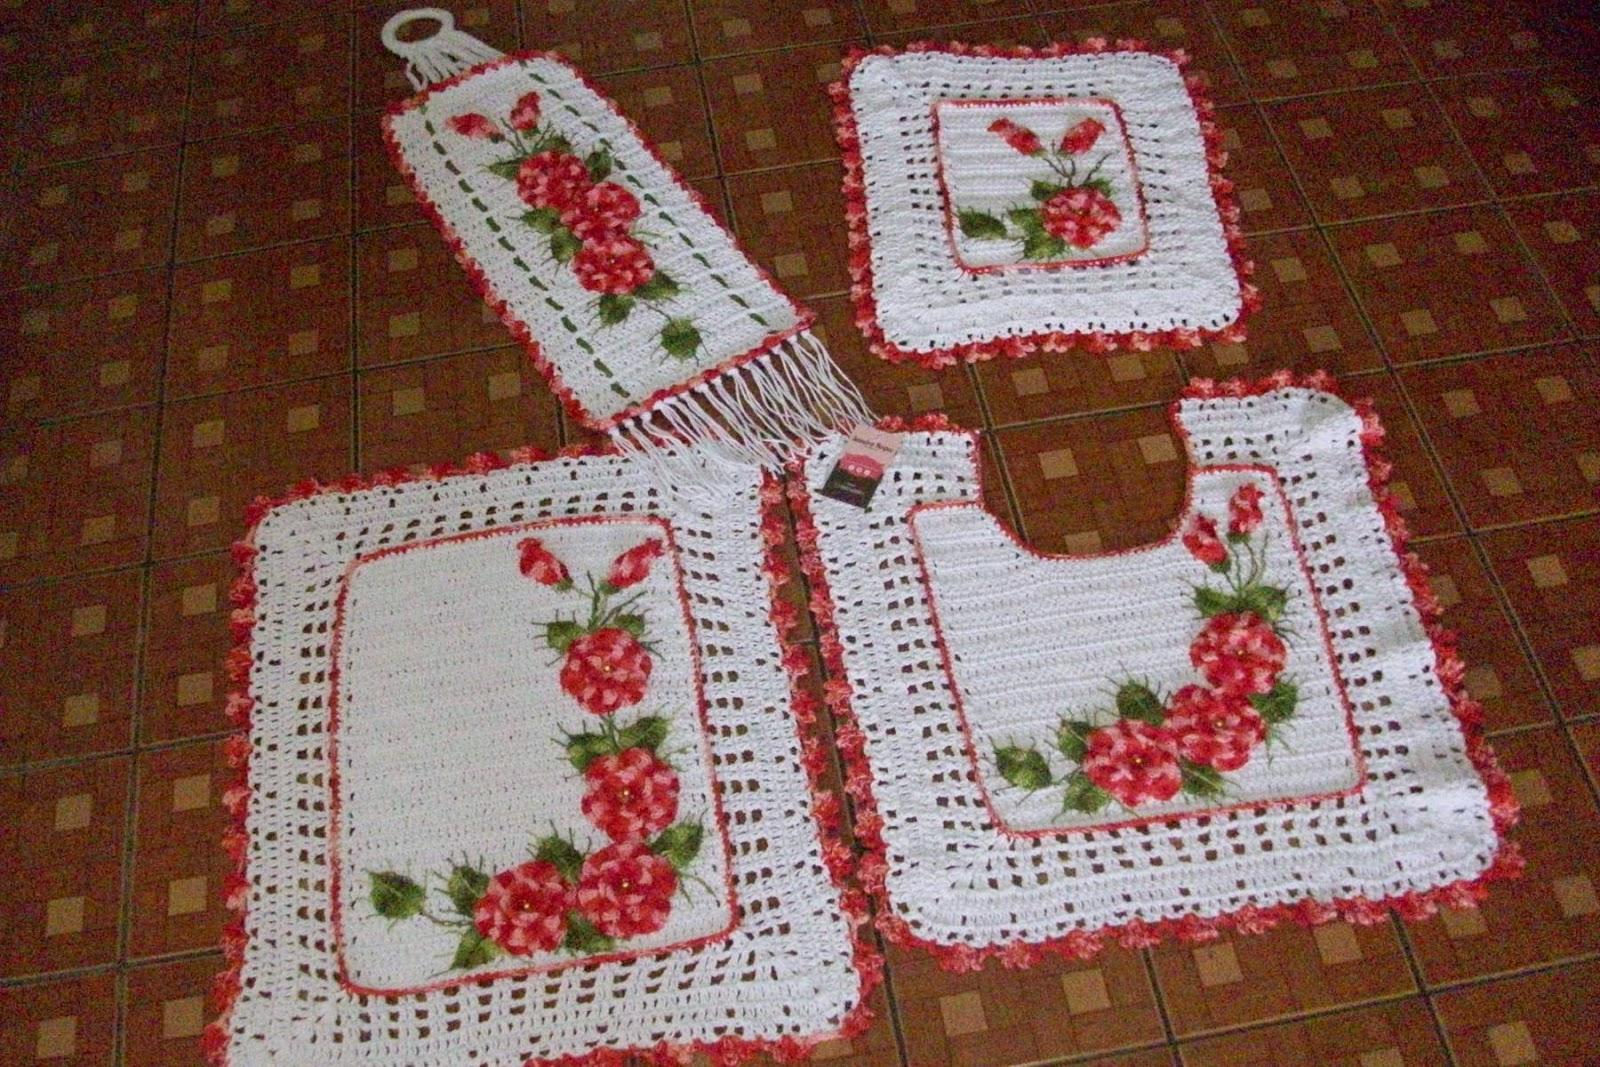 Jogos De Banheiro Vermelho E Branco : Sandra roque artesanatos jogo banheiro branco e mescla